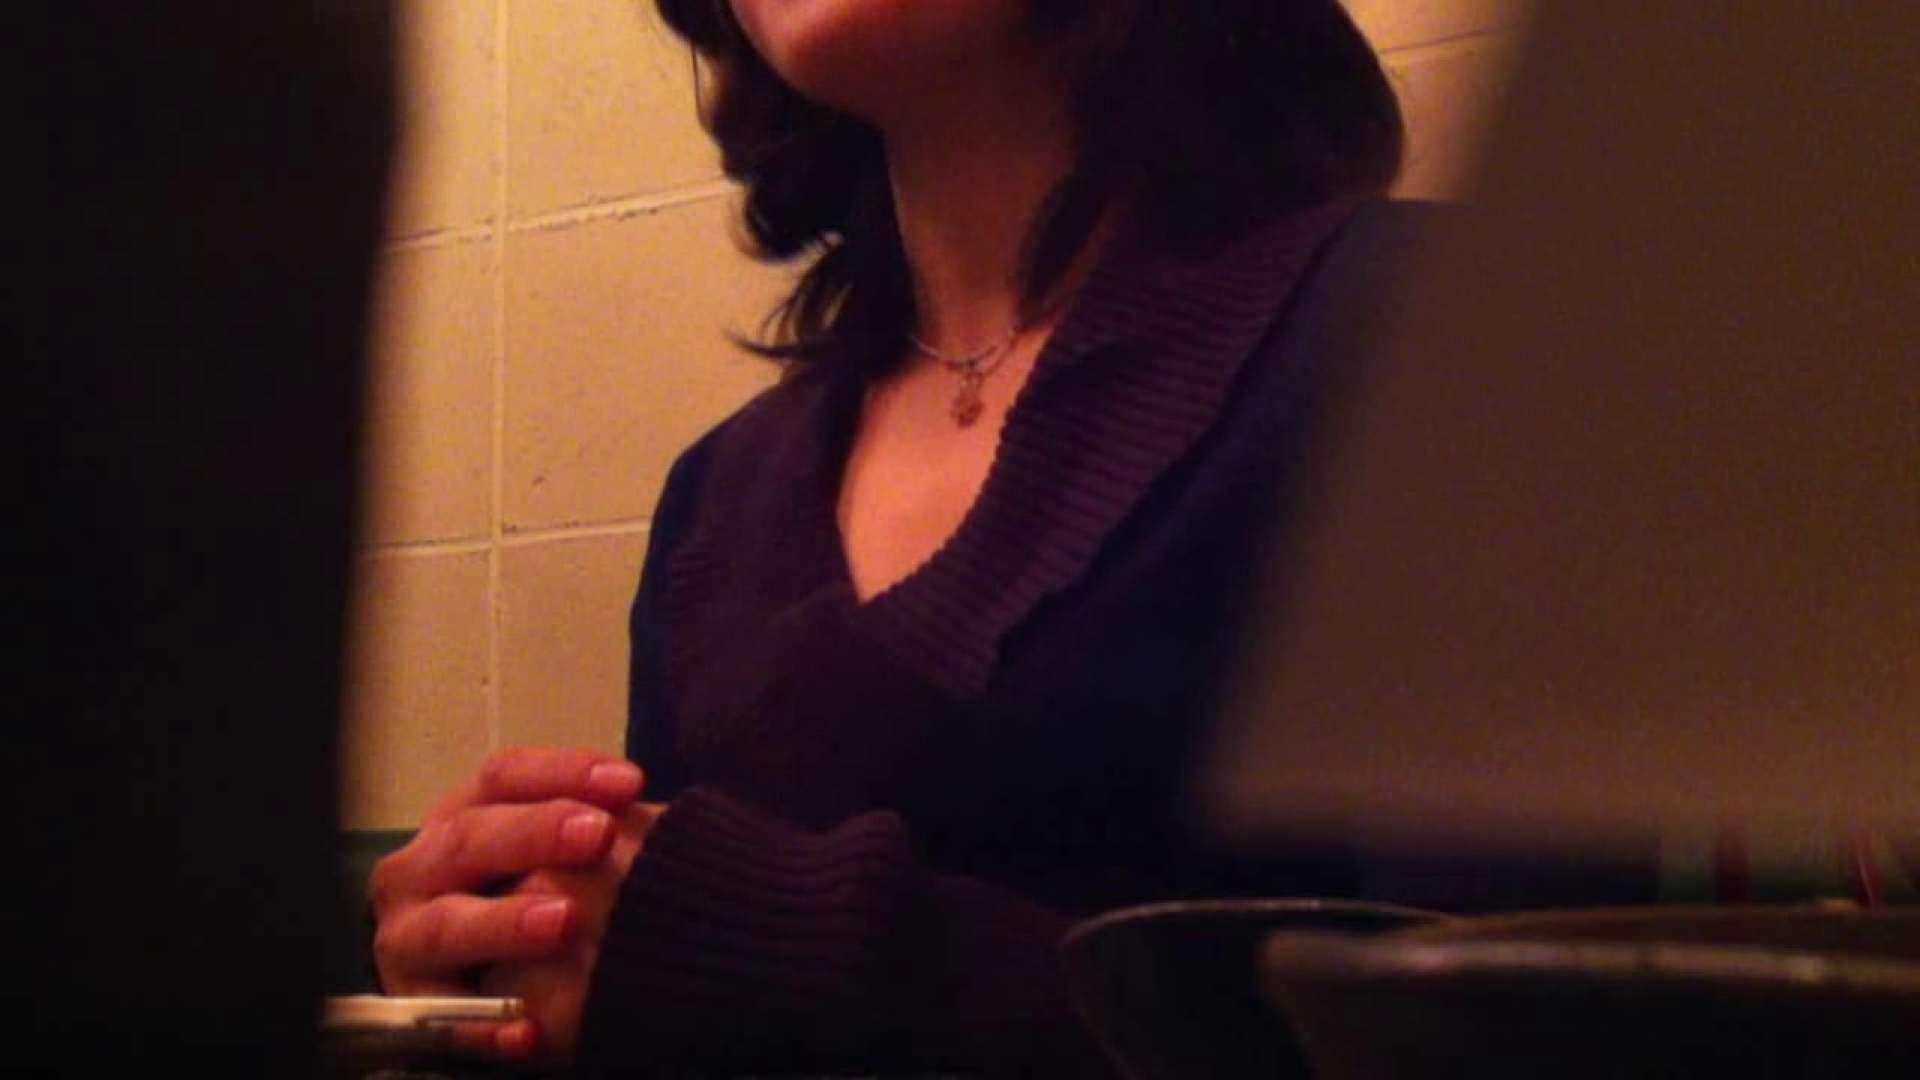 32才バツイチ子持ち現役看護婦じゅんこの変態願望Vol.1 手マン  76画像 16